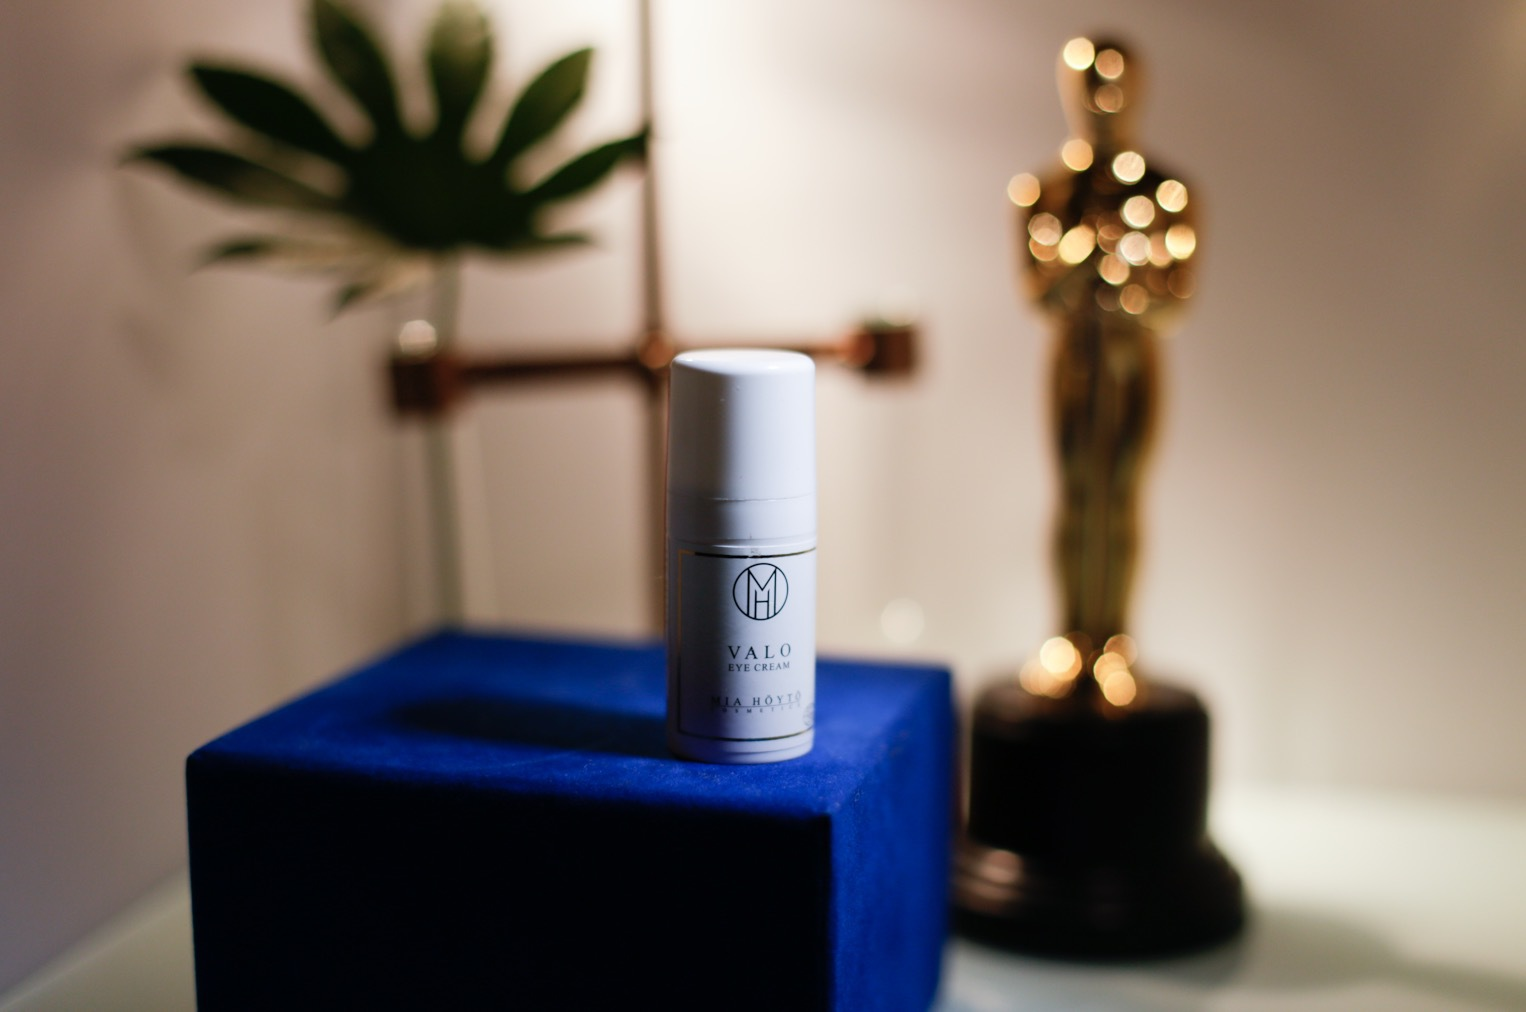 Finska Mia gör minimalistiska produkter med maximall komfort